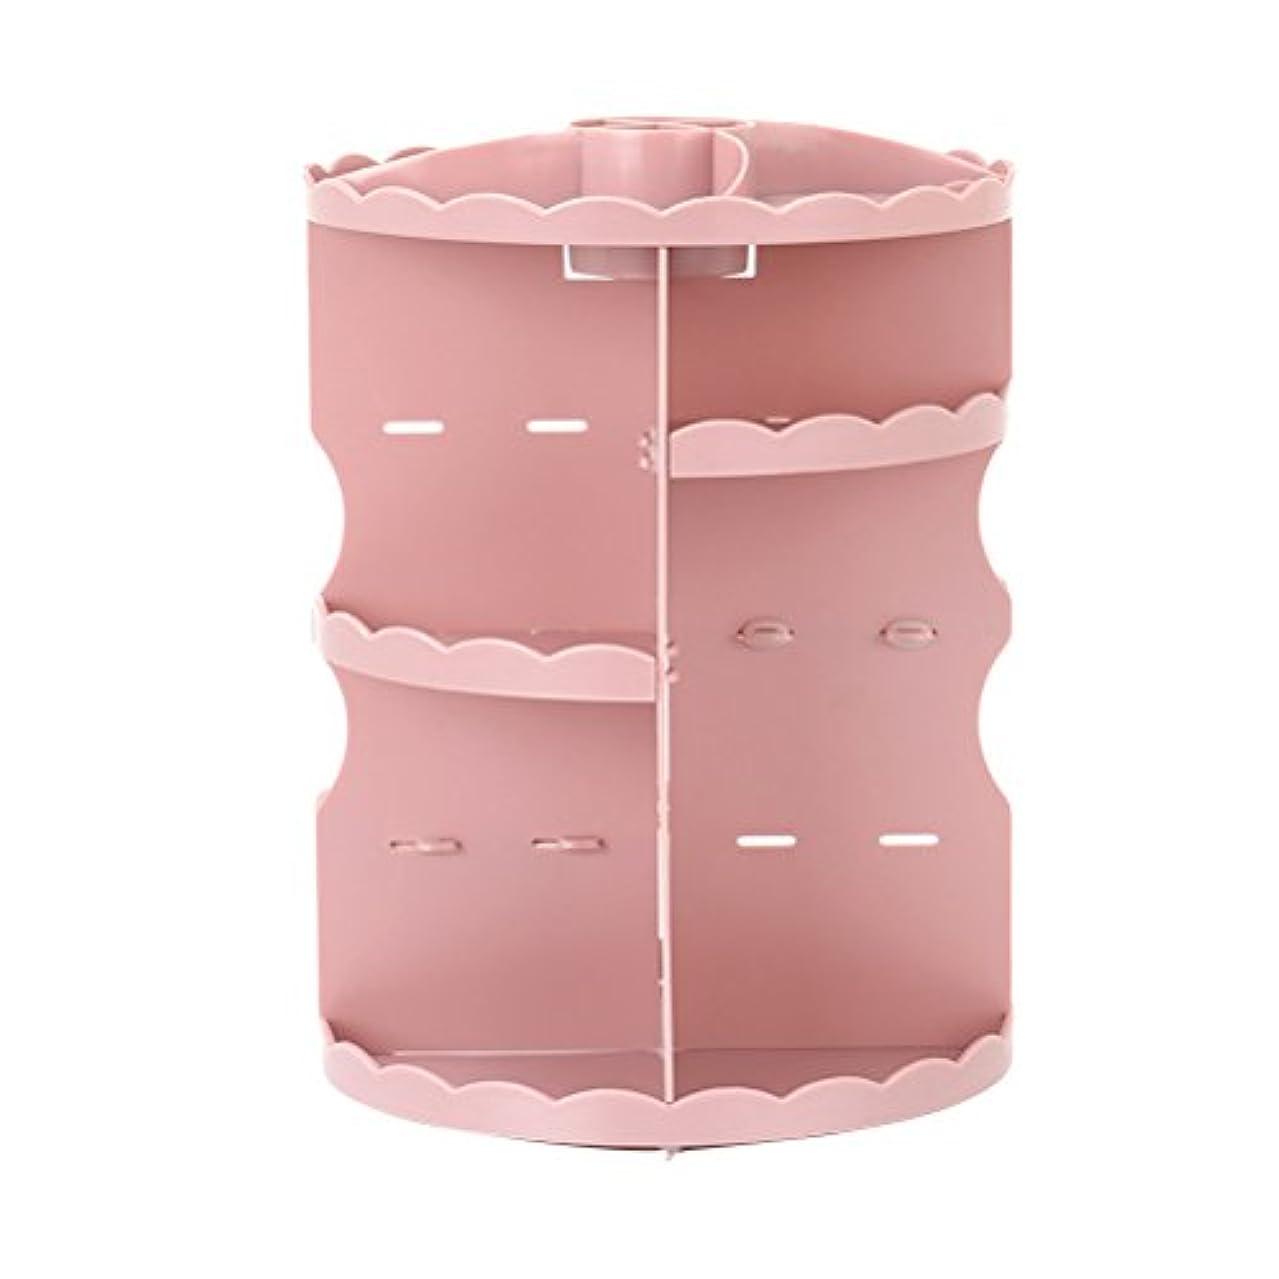 見分ける消毒するレタスOUNONA 化粧品棚 メイクボックス コスメ収納 化粧収納 化粧入れ 360度回転式 大容量 卓上 浴室 台所 収納棚 回転化粧ラック(ピンク)